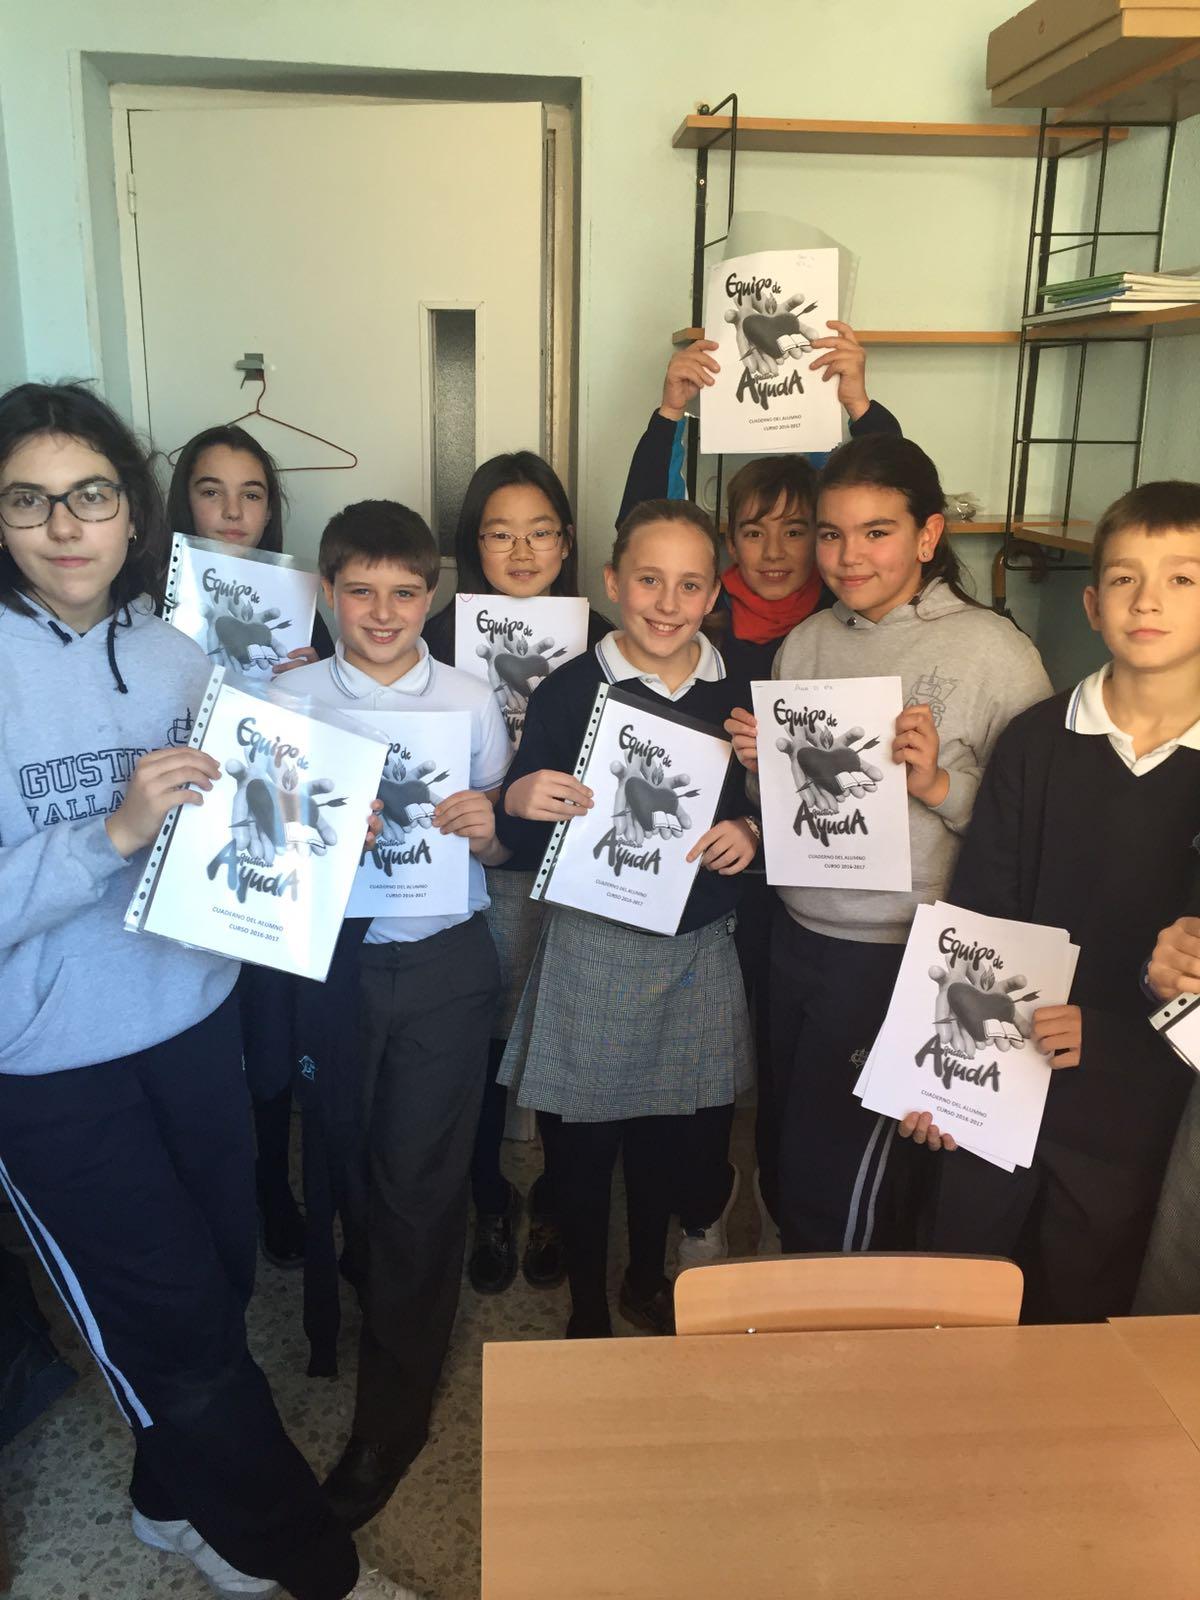 Agustinas Valladolid - 2017 - Primaria 5 6 - Alumnos Ayuda 2